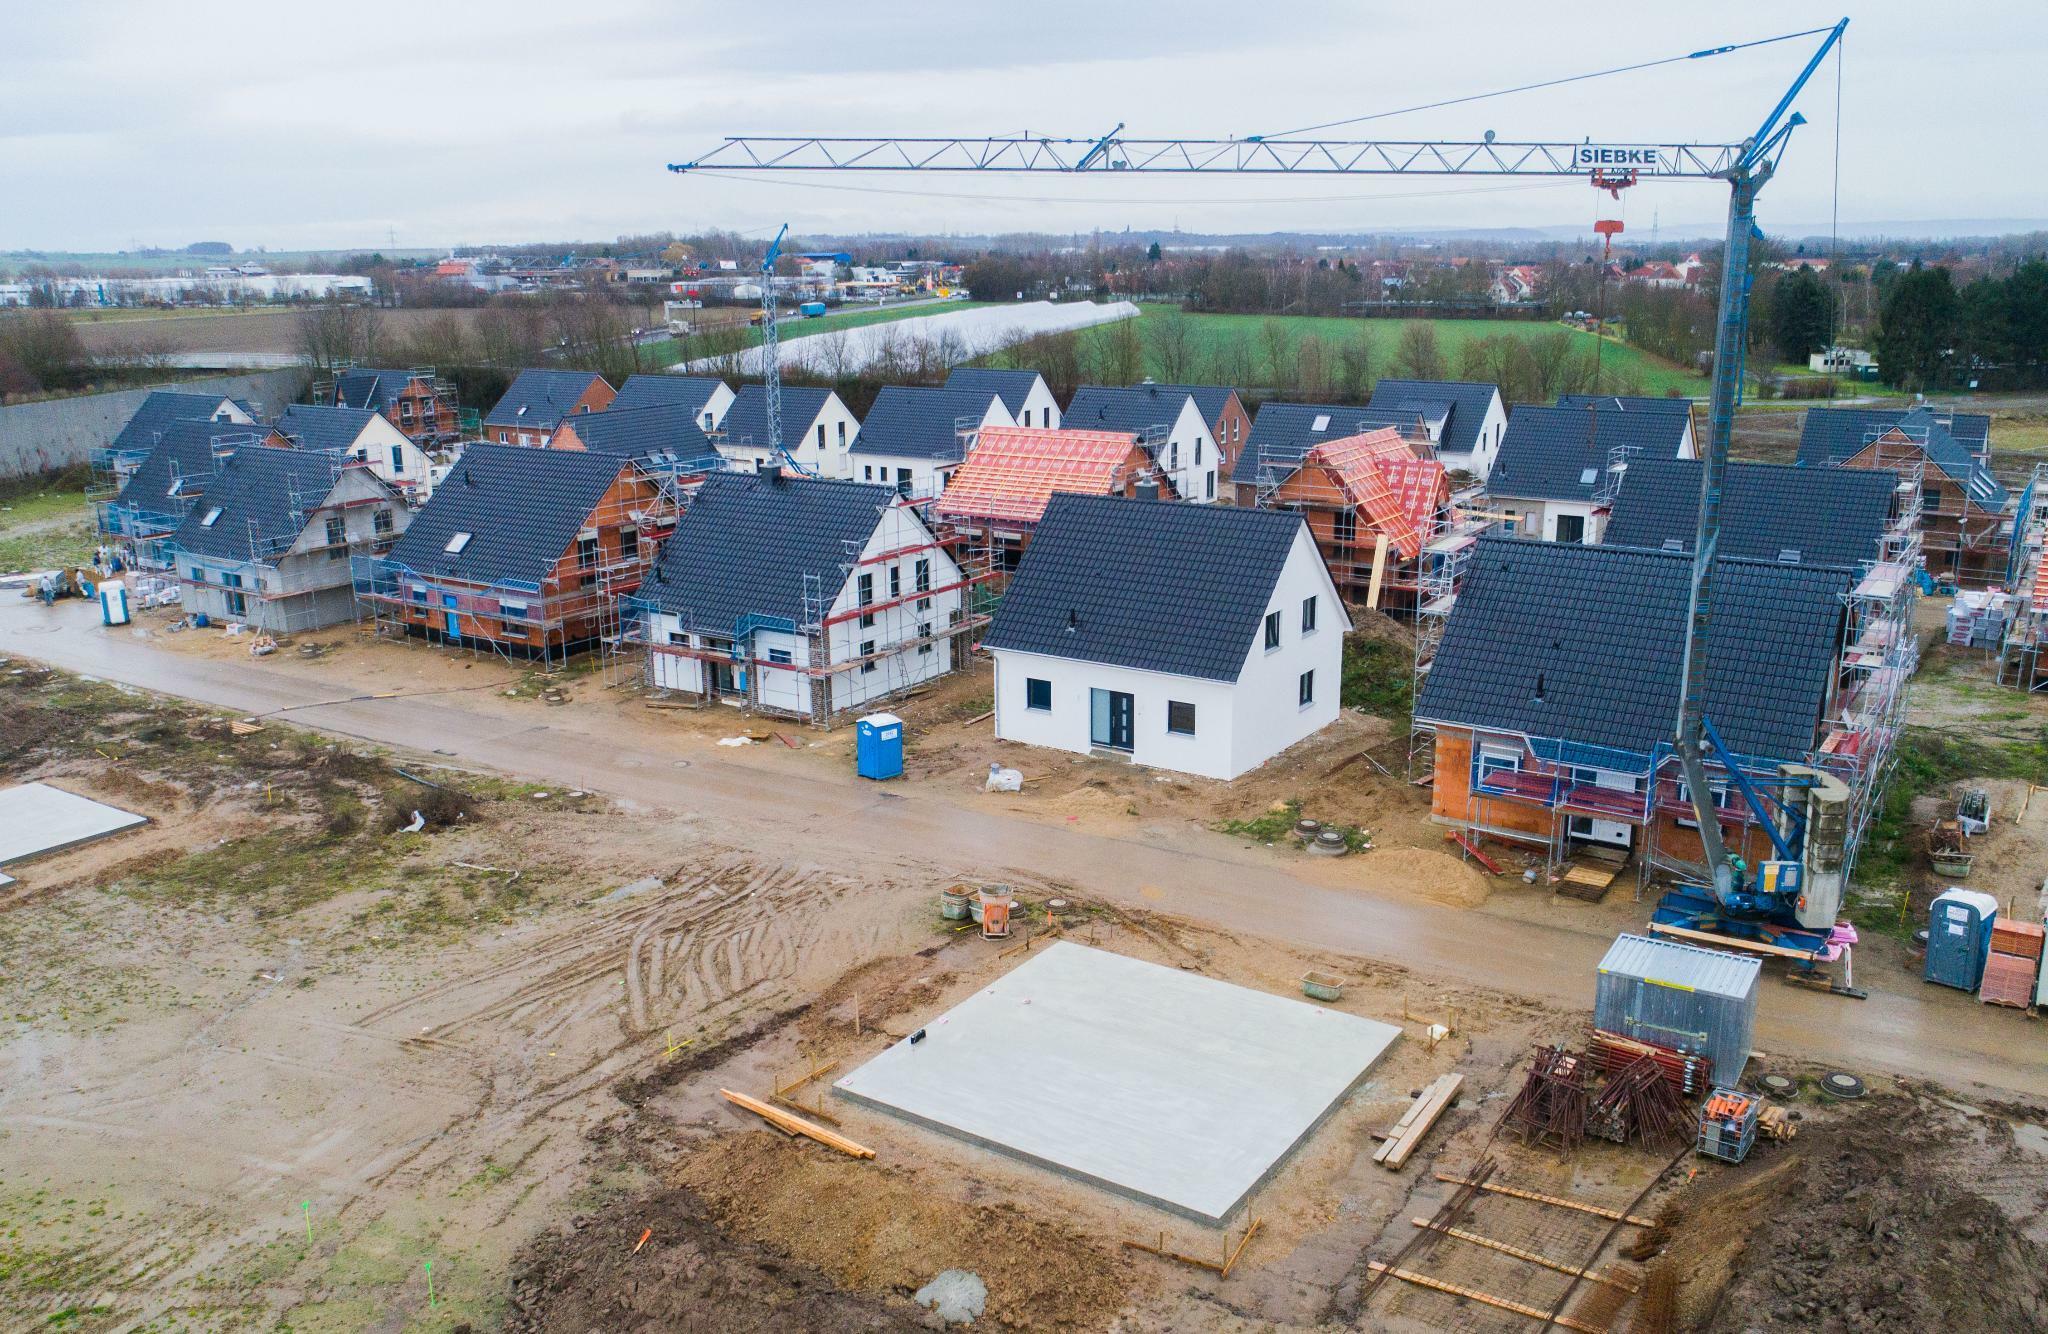 في هذه المقاطعات يمكن شراء أرض رخيصة لبناء بيت